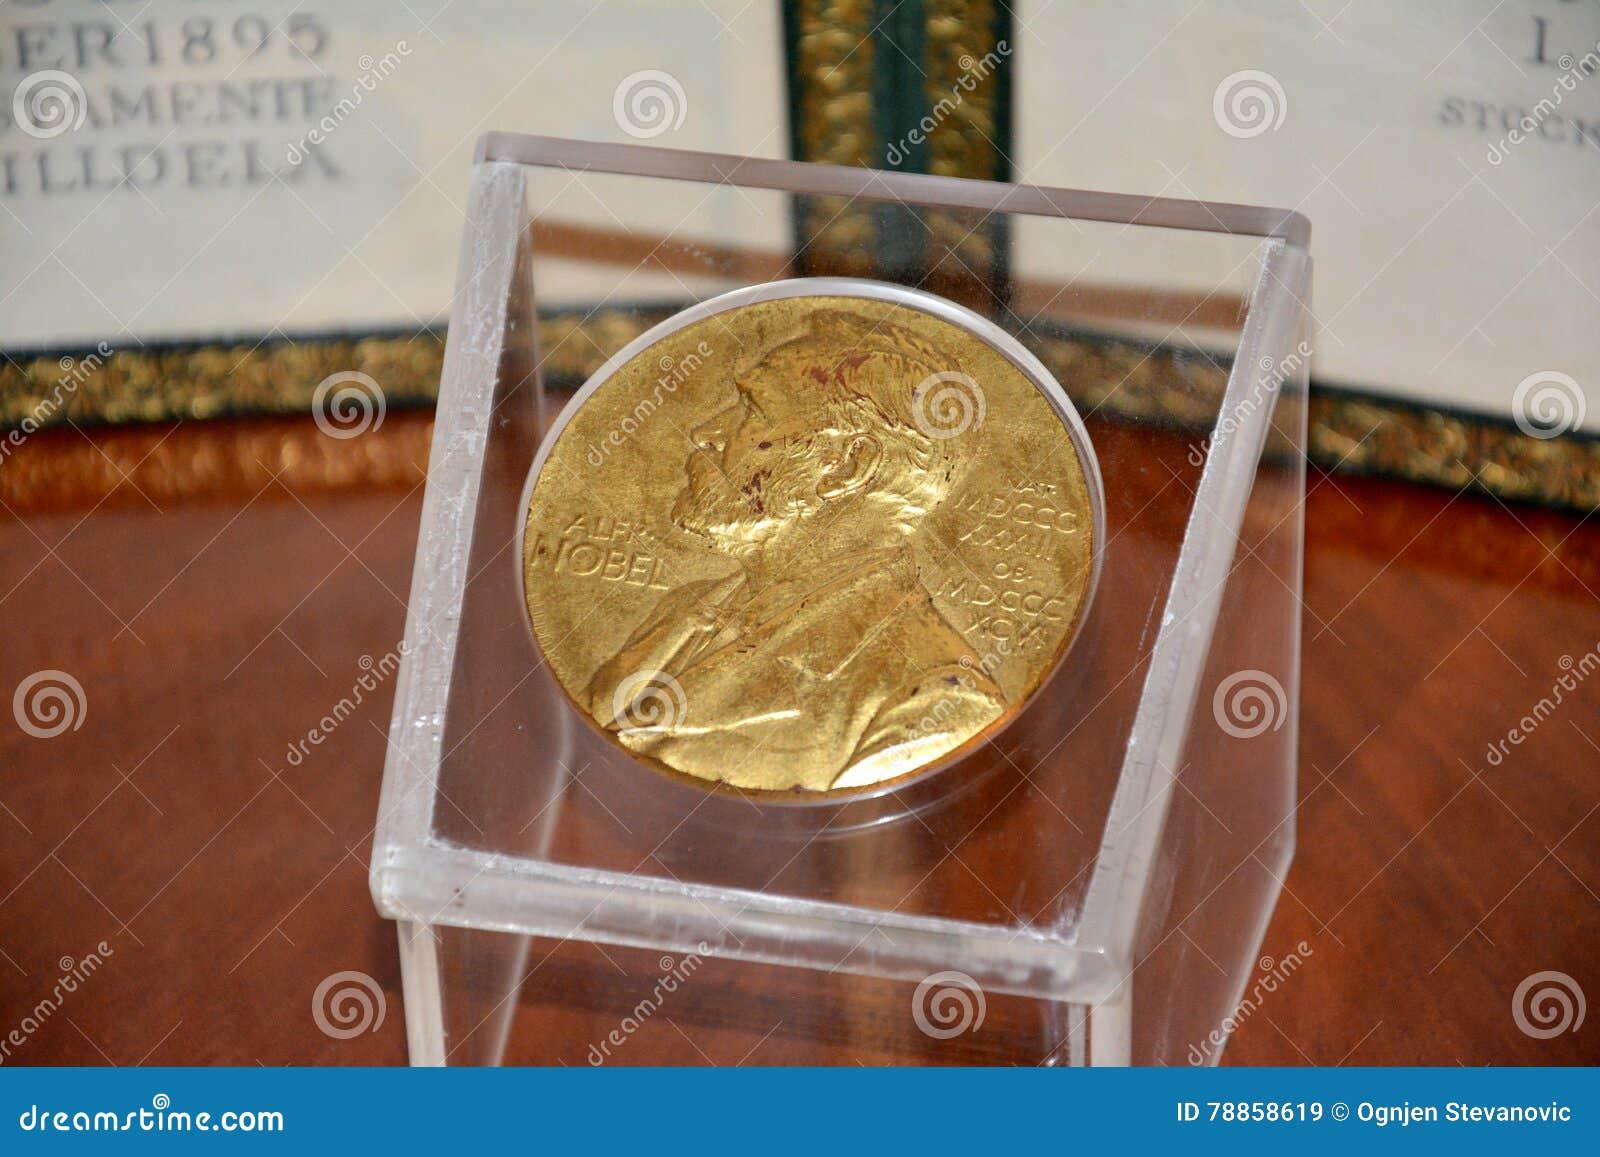 诺贝尔奖奖牌的阿尔弗雷德・诺贝尔